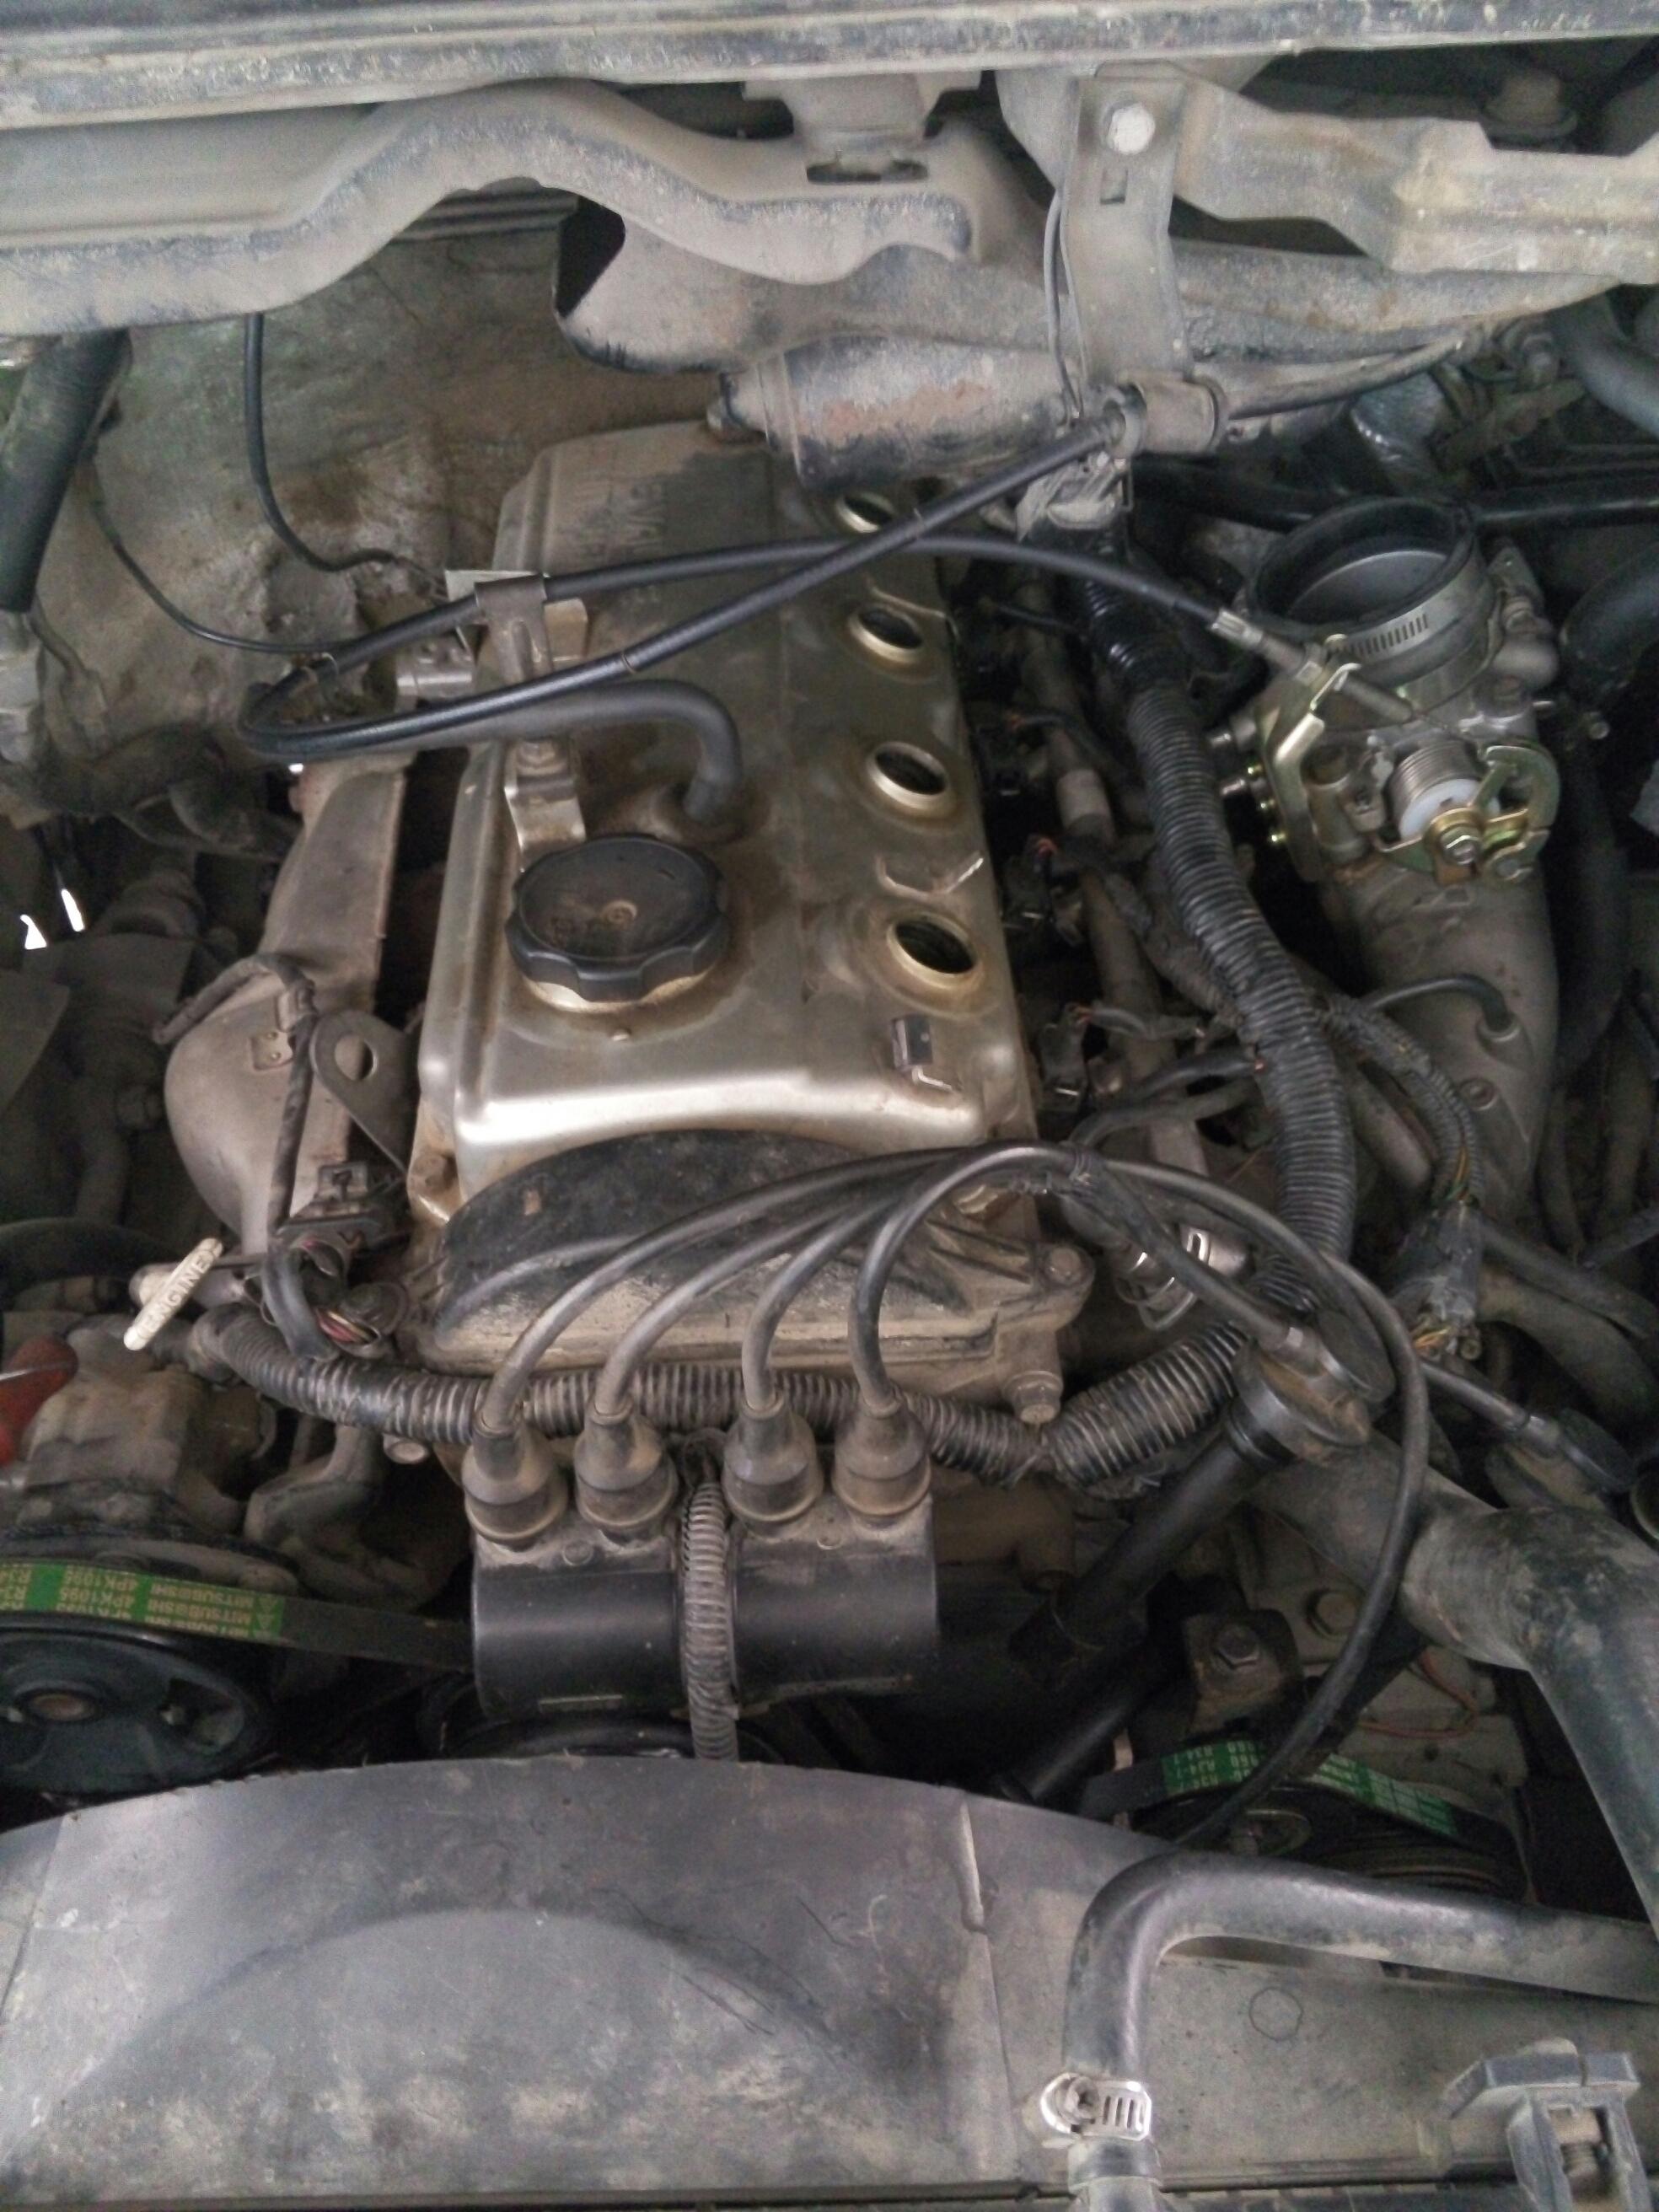 4g64发动机, 加油敲缸严重无故障码 感觉点火时间